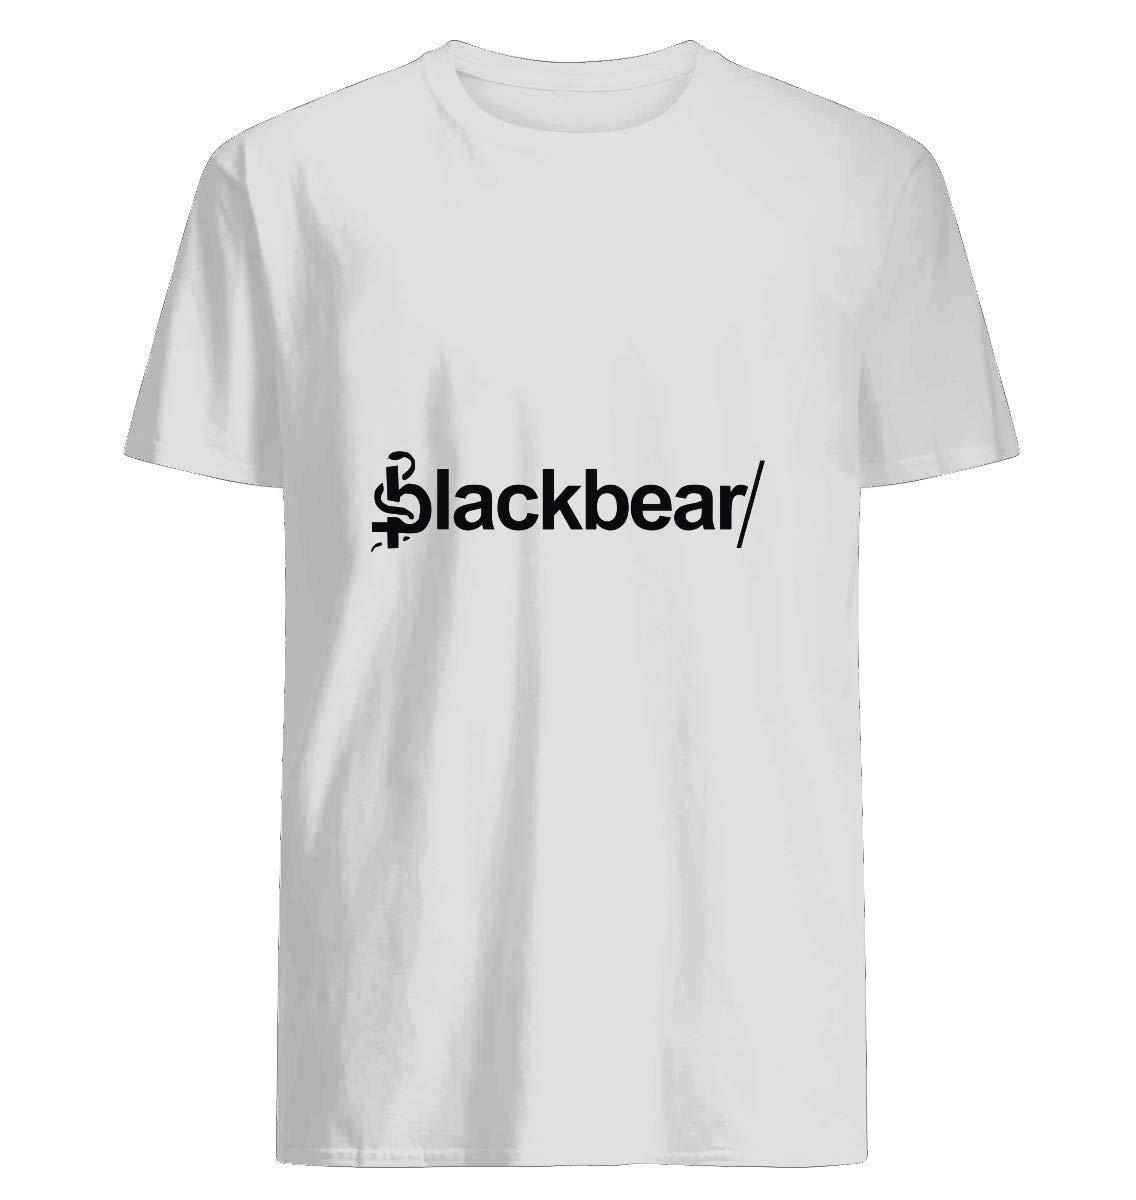 Blackbear Merchandise 38 T Shirt For Unisex